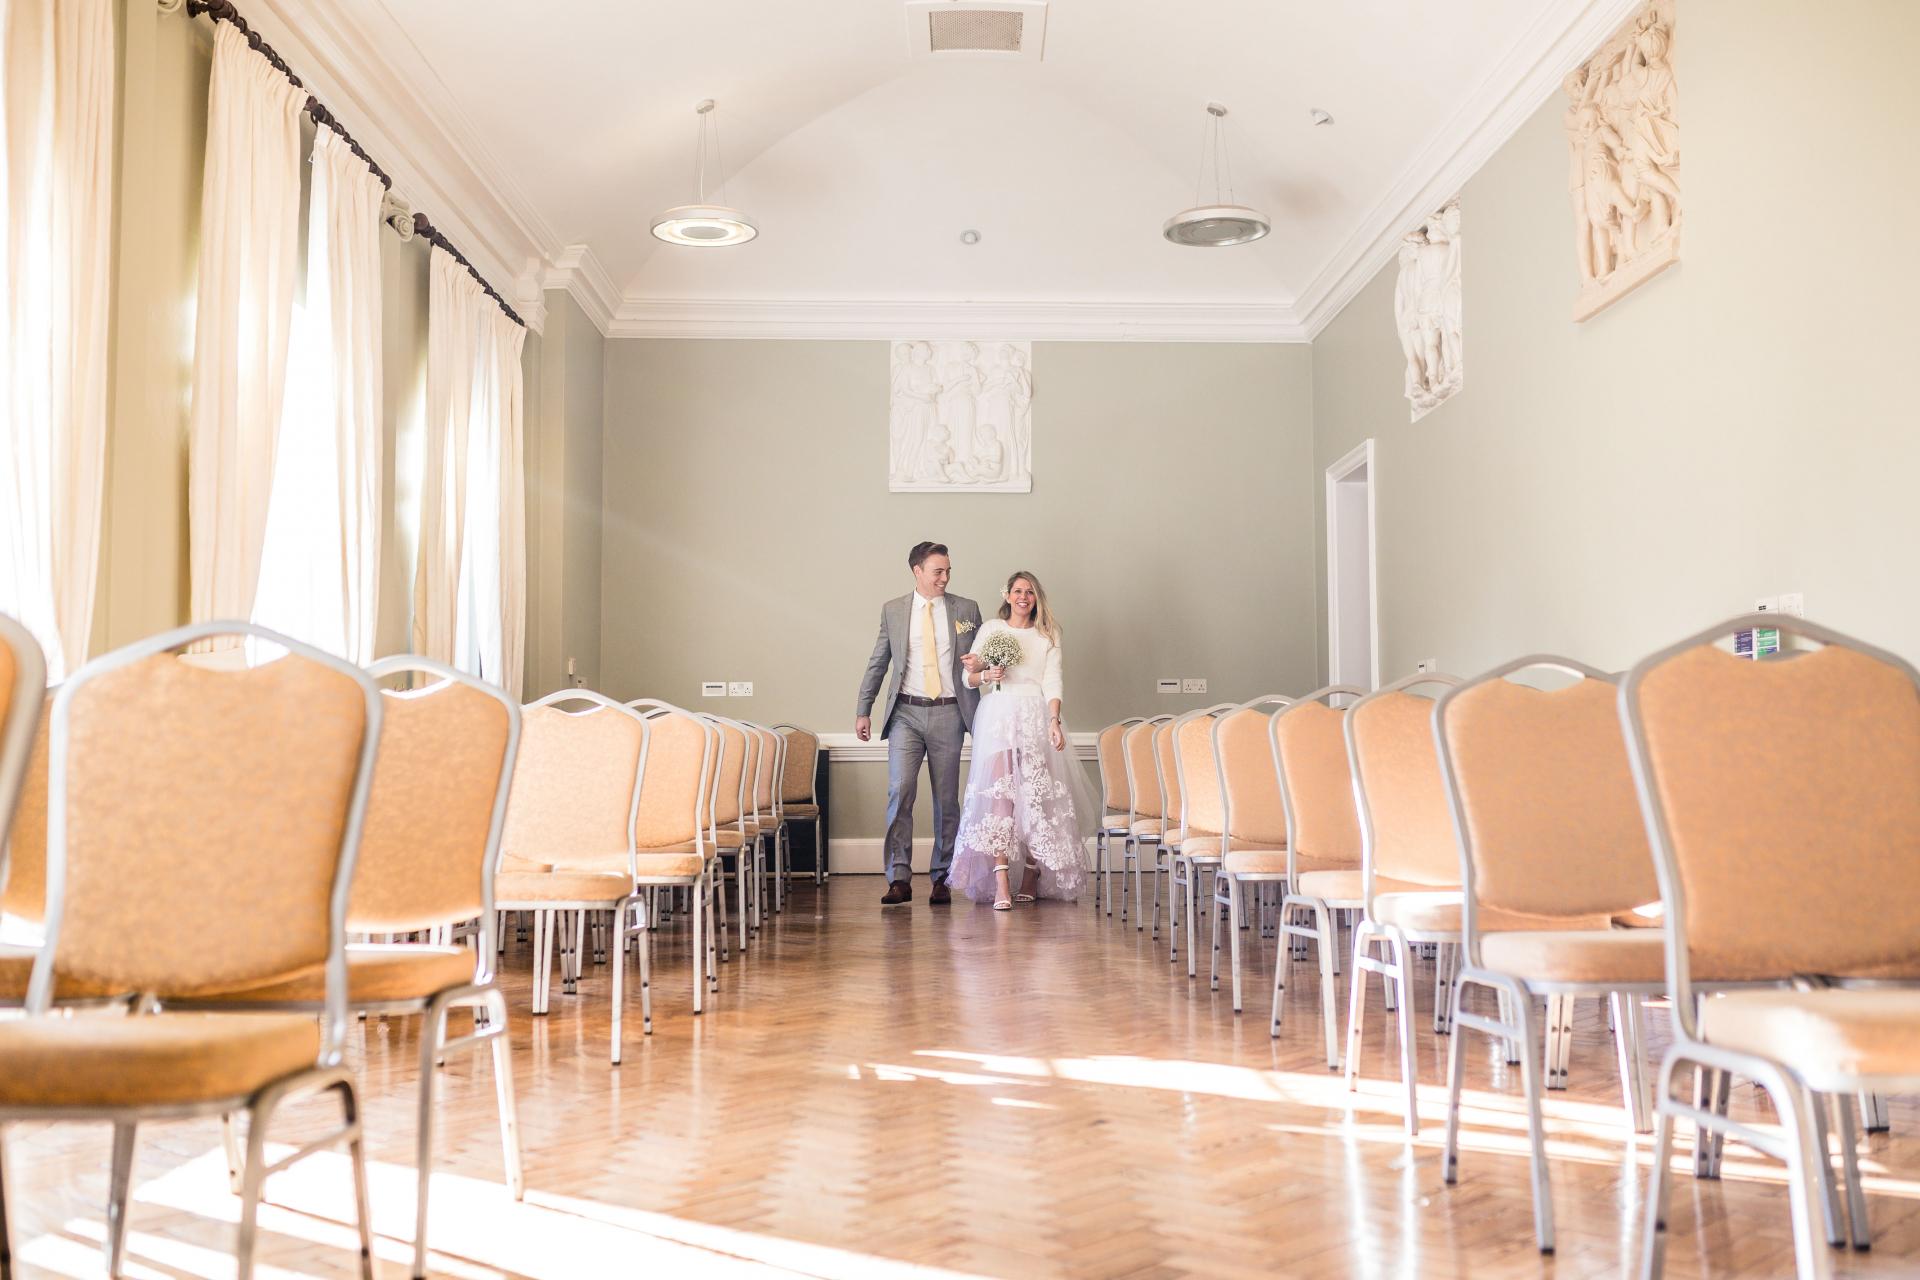 York House Twickenham, Richmond nach Themse - Elopement Foto | Braut und Bräutigam kamen Hand in Hand zu ihrer Zeremonie, während ihr Lieblingslied spielt. Es war ein emotionaler Moment voller Aufregung für sie